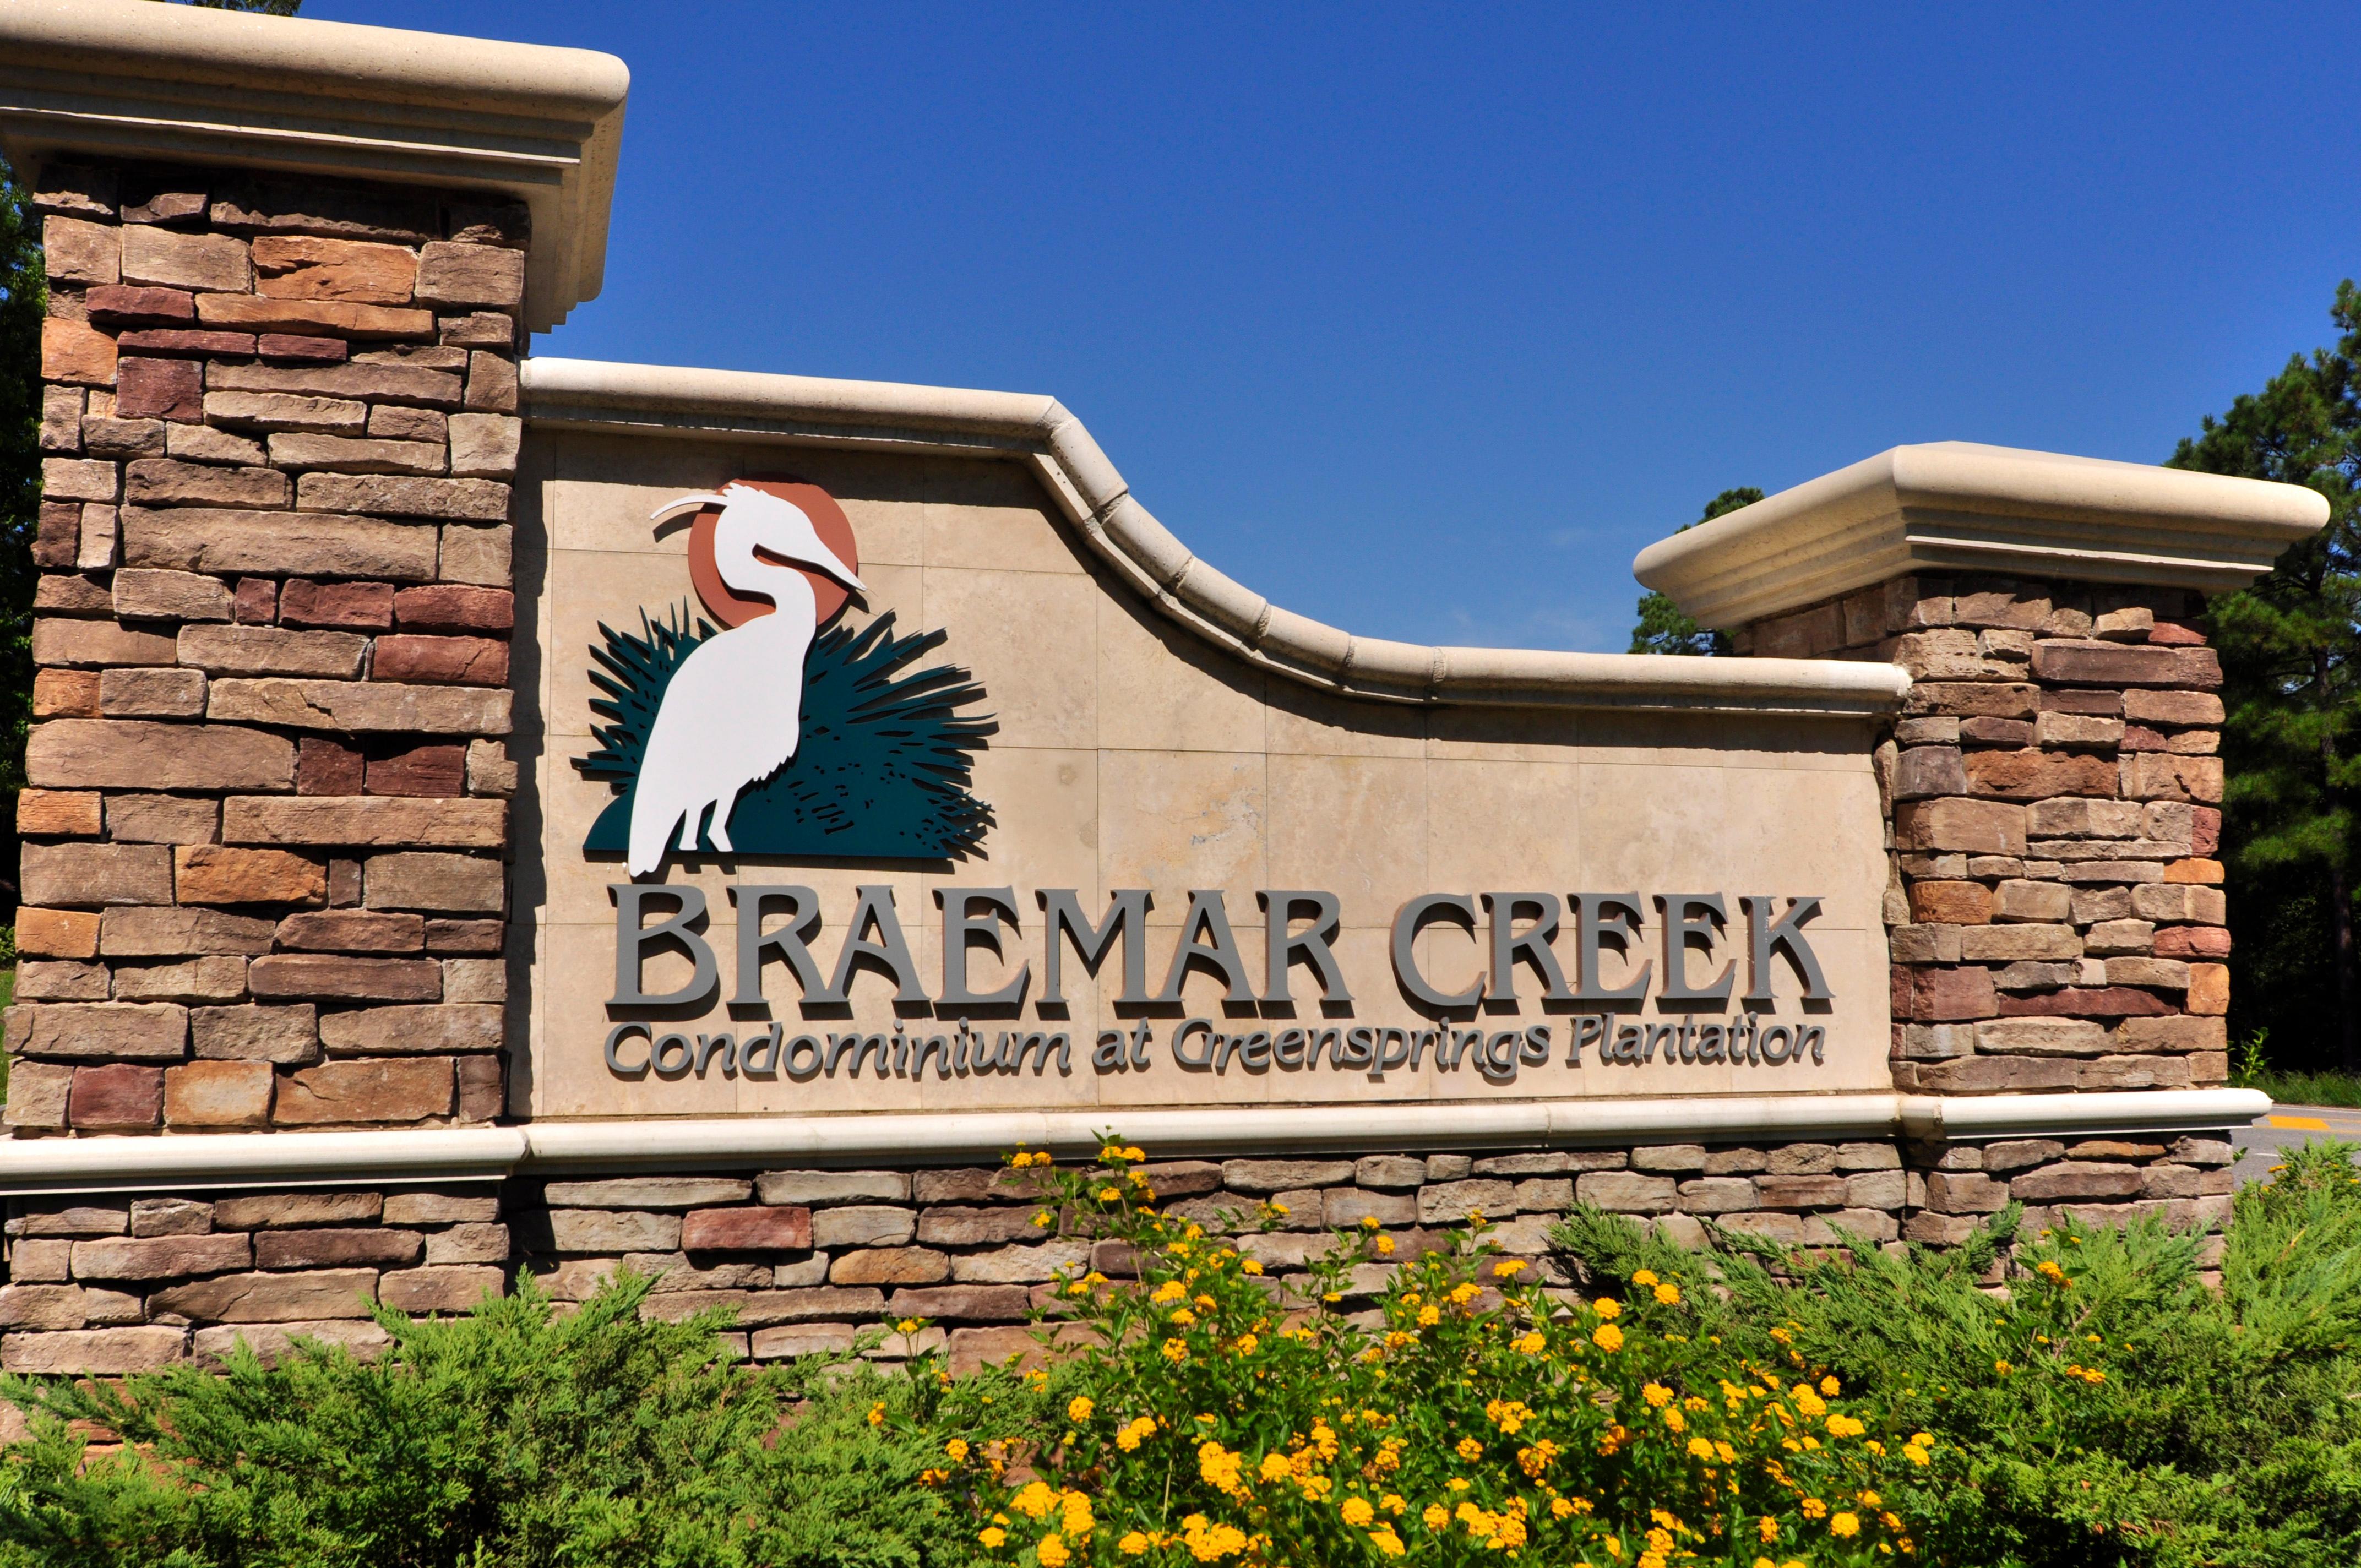 Braemar Creek